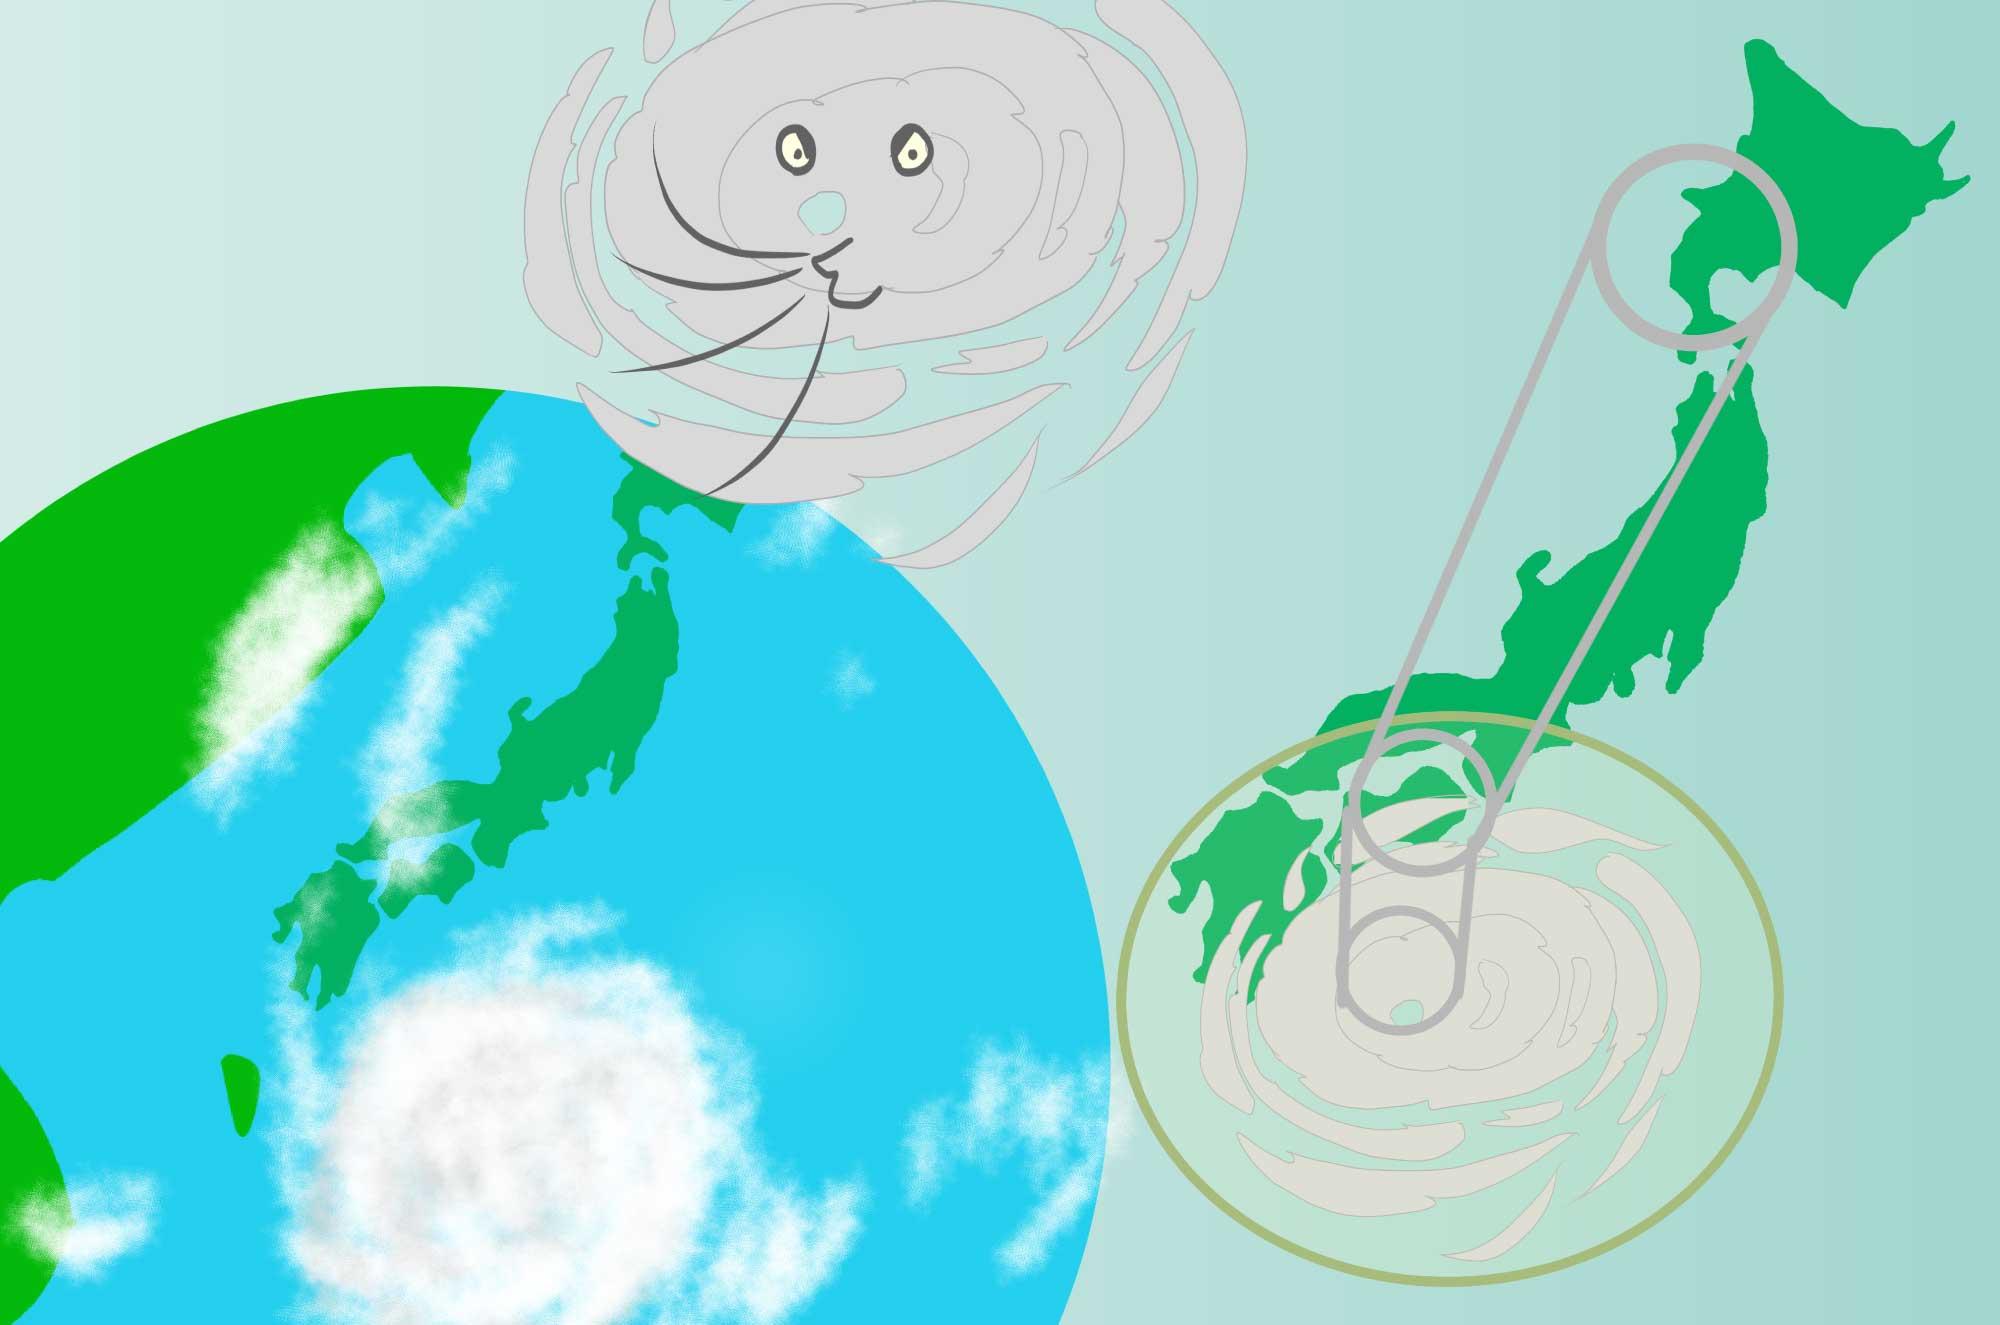 台風のイラスト - 強風・豪雨の渦の自然の無料素材